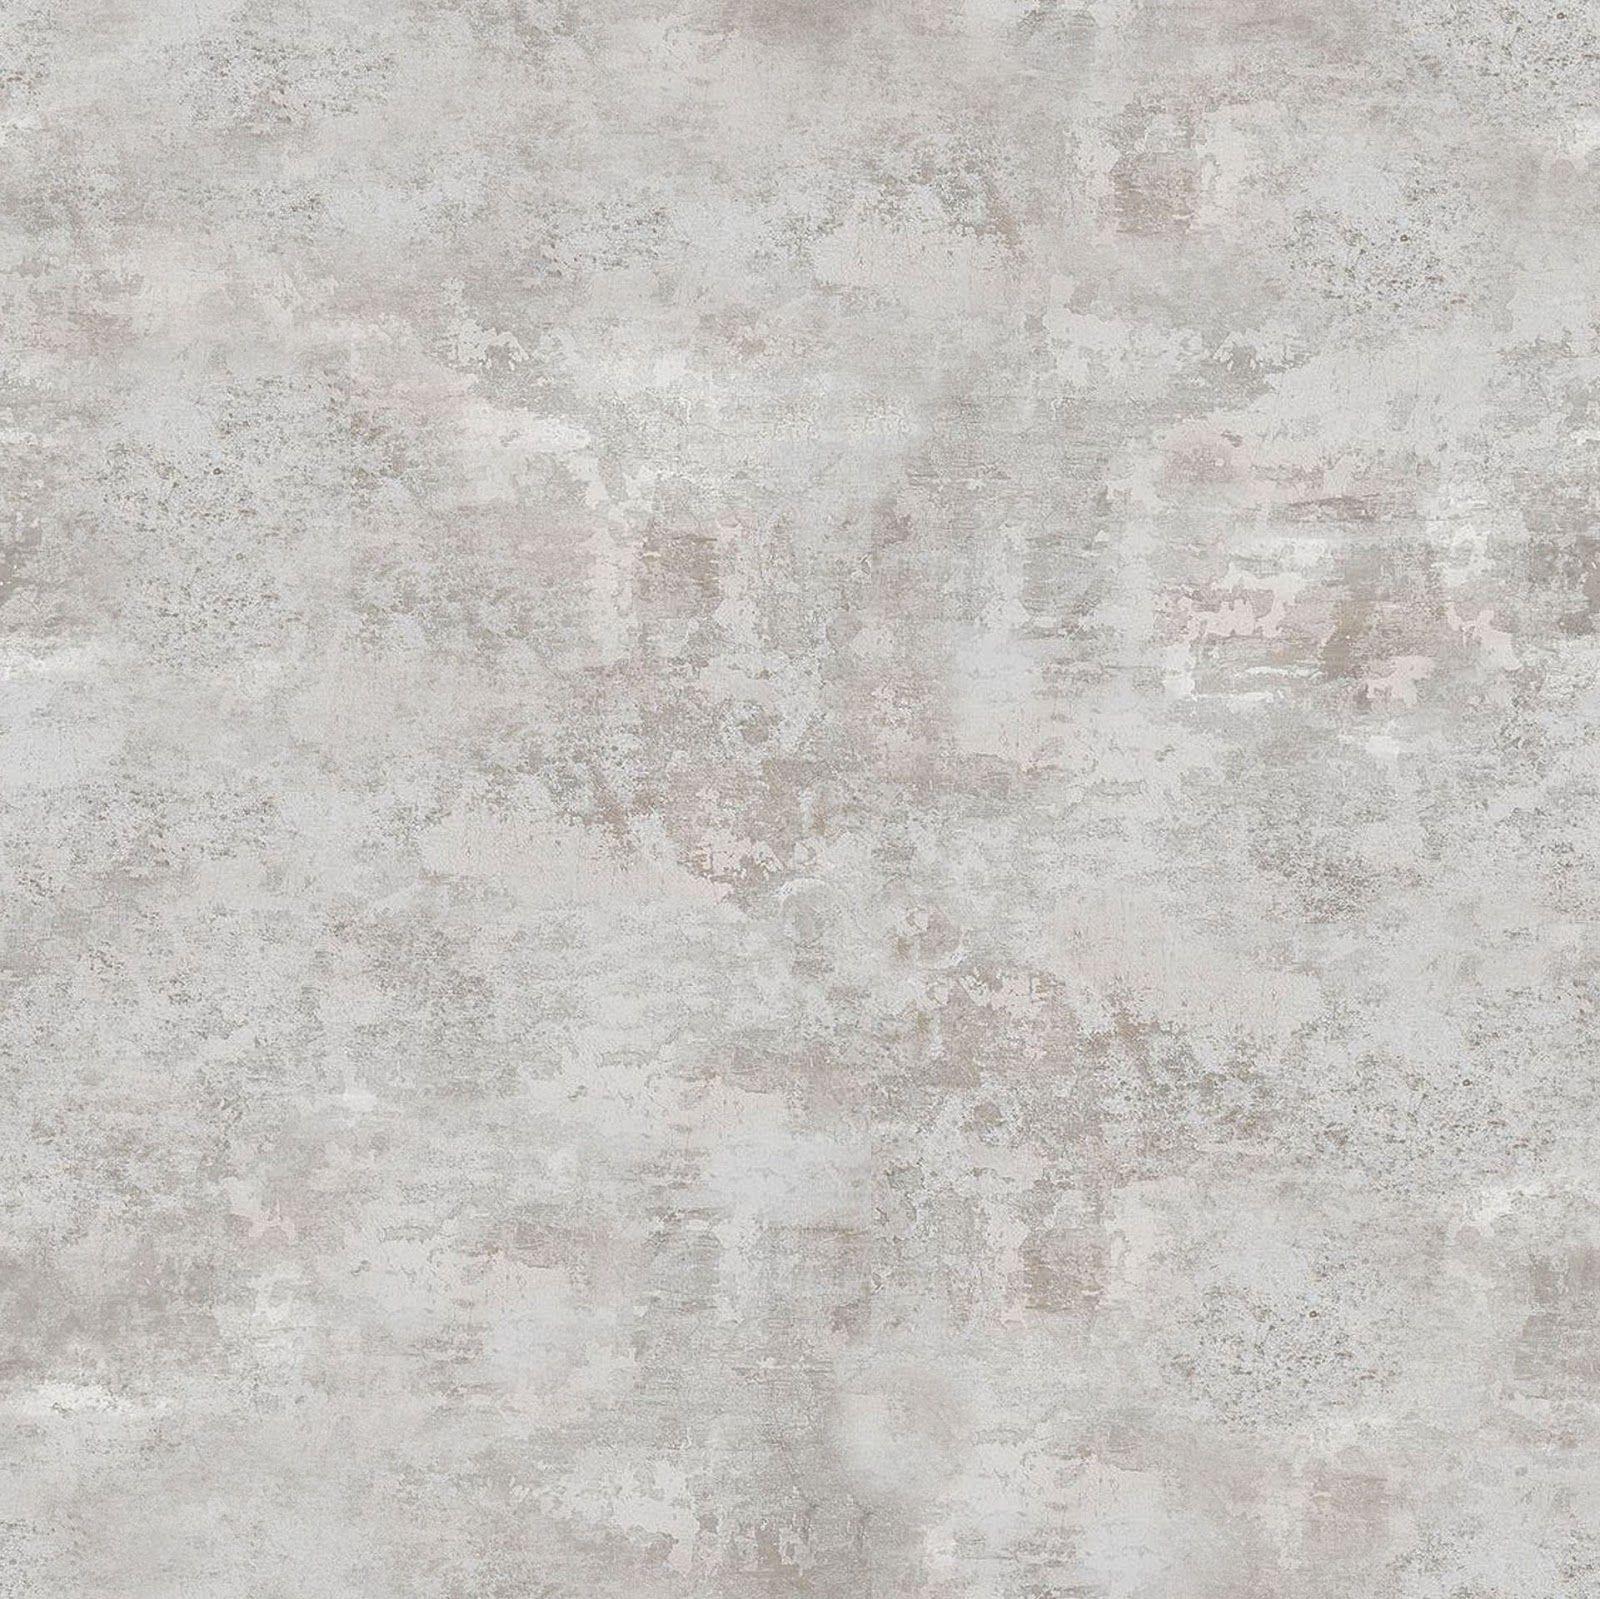 Seamless Concrete Wall Texture Texturise Free Seamless Tileable ...